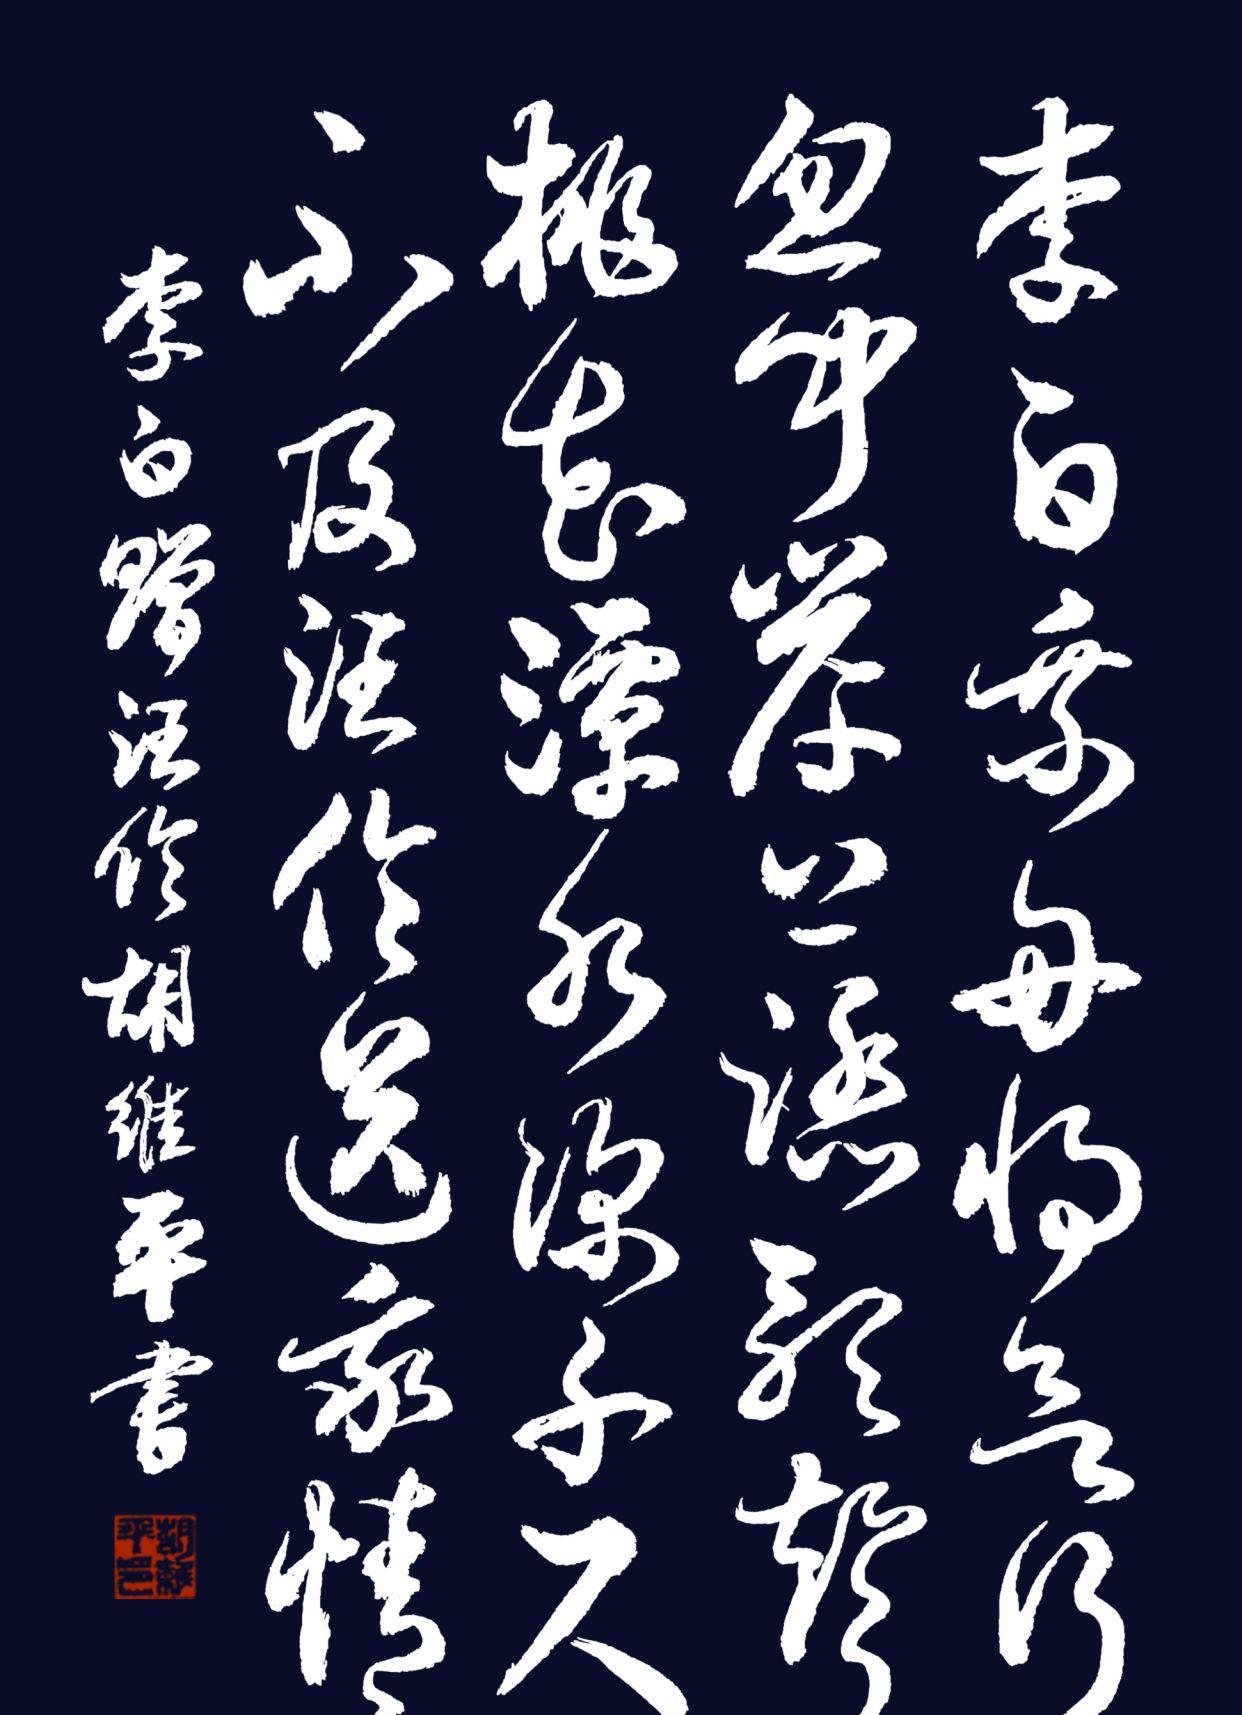 当代书法名家胡维平草书、行书、楷书作品 李白《赠汪伦》